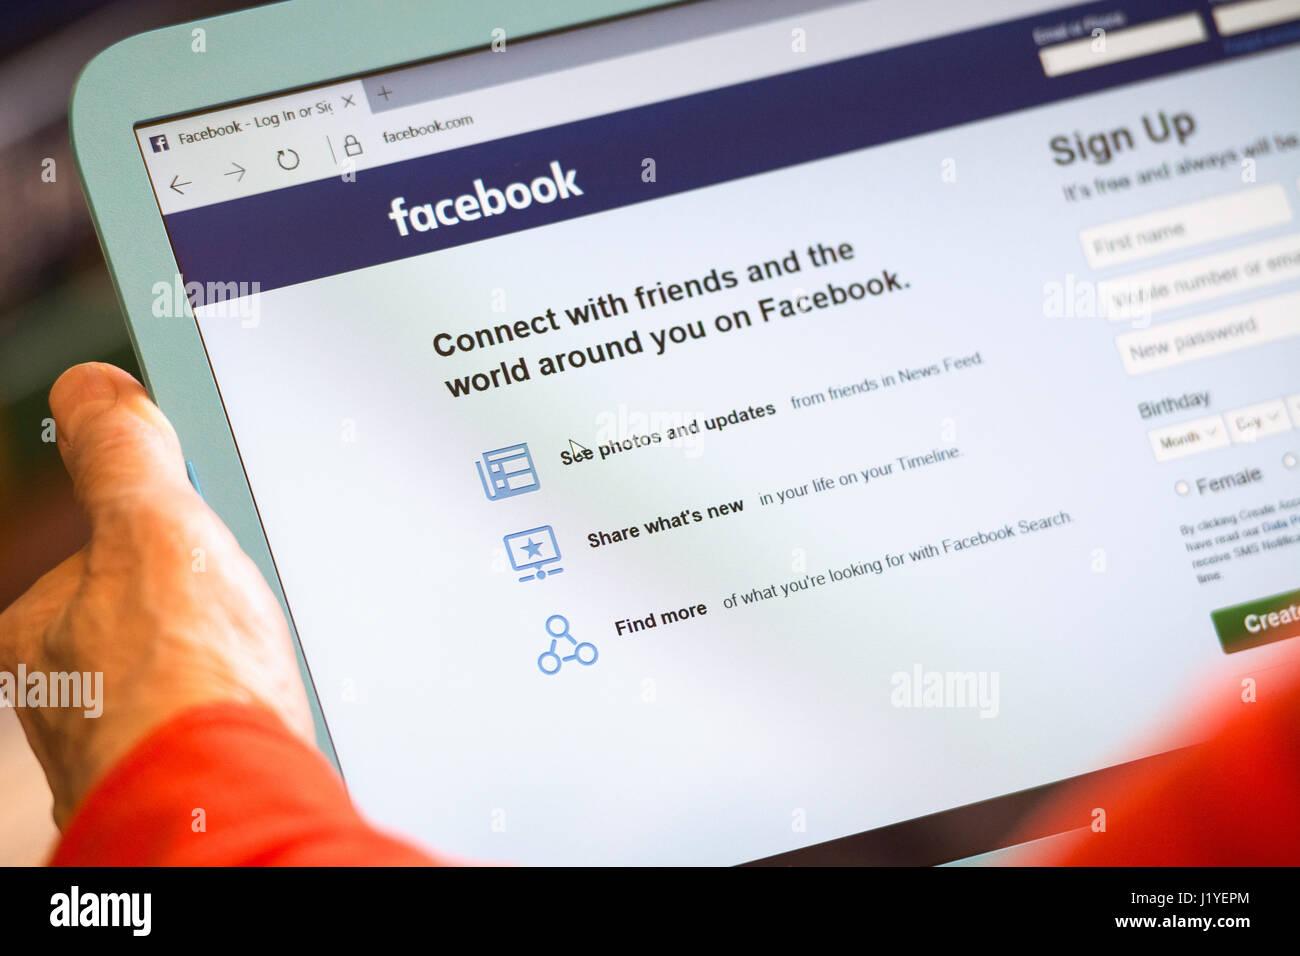 Écran de connexion Facebook Sign Up Log in page Web ecran moniteur Tablette Photo Stock